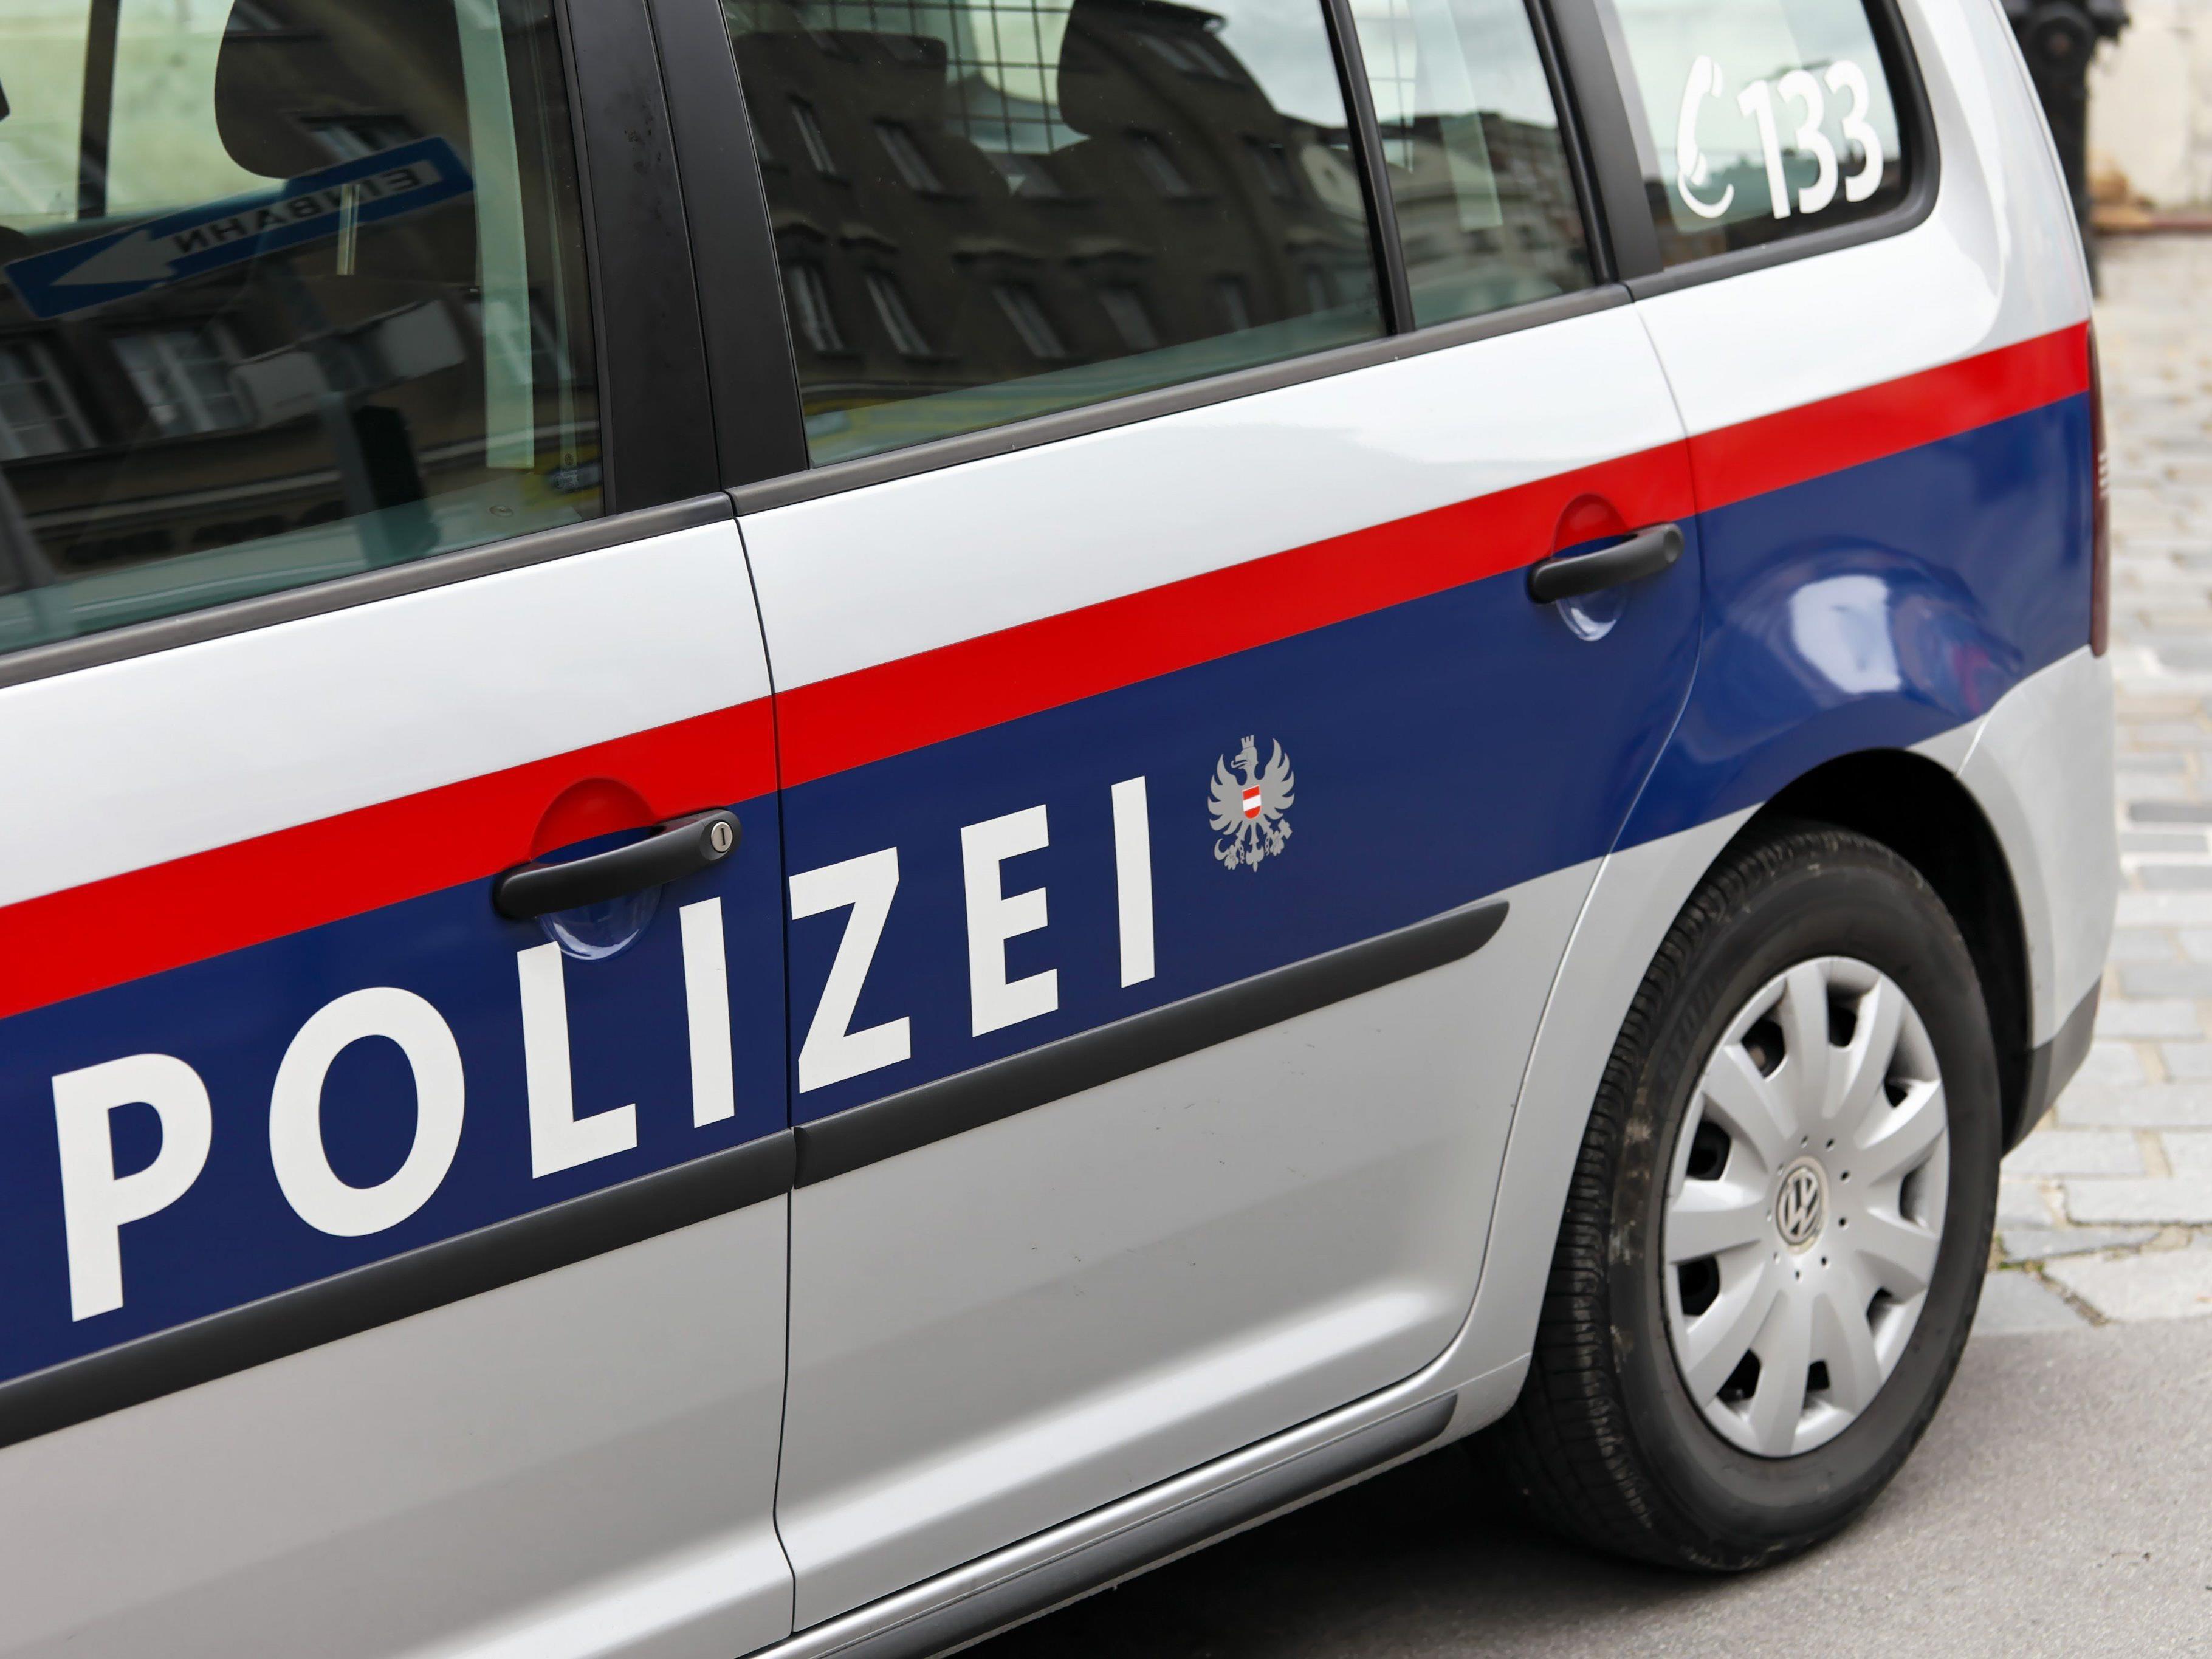 Zwei Drittel der Verantwortung für den tödlichen Verkehrsunfall hat zivilrechtlich der Fußgänger zu übernehmen und ein Drittel der Busfahrer, meint das Innsbrucker Oberlandesgericht (OLG).